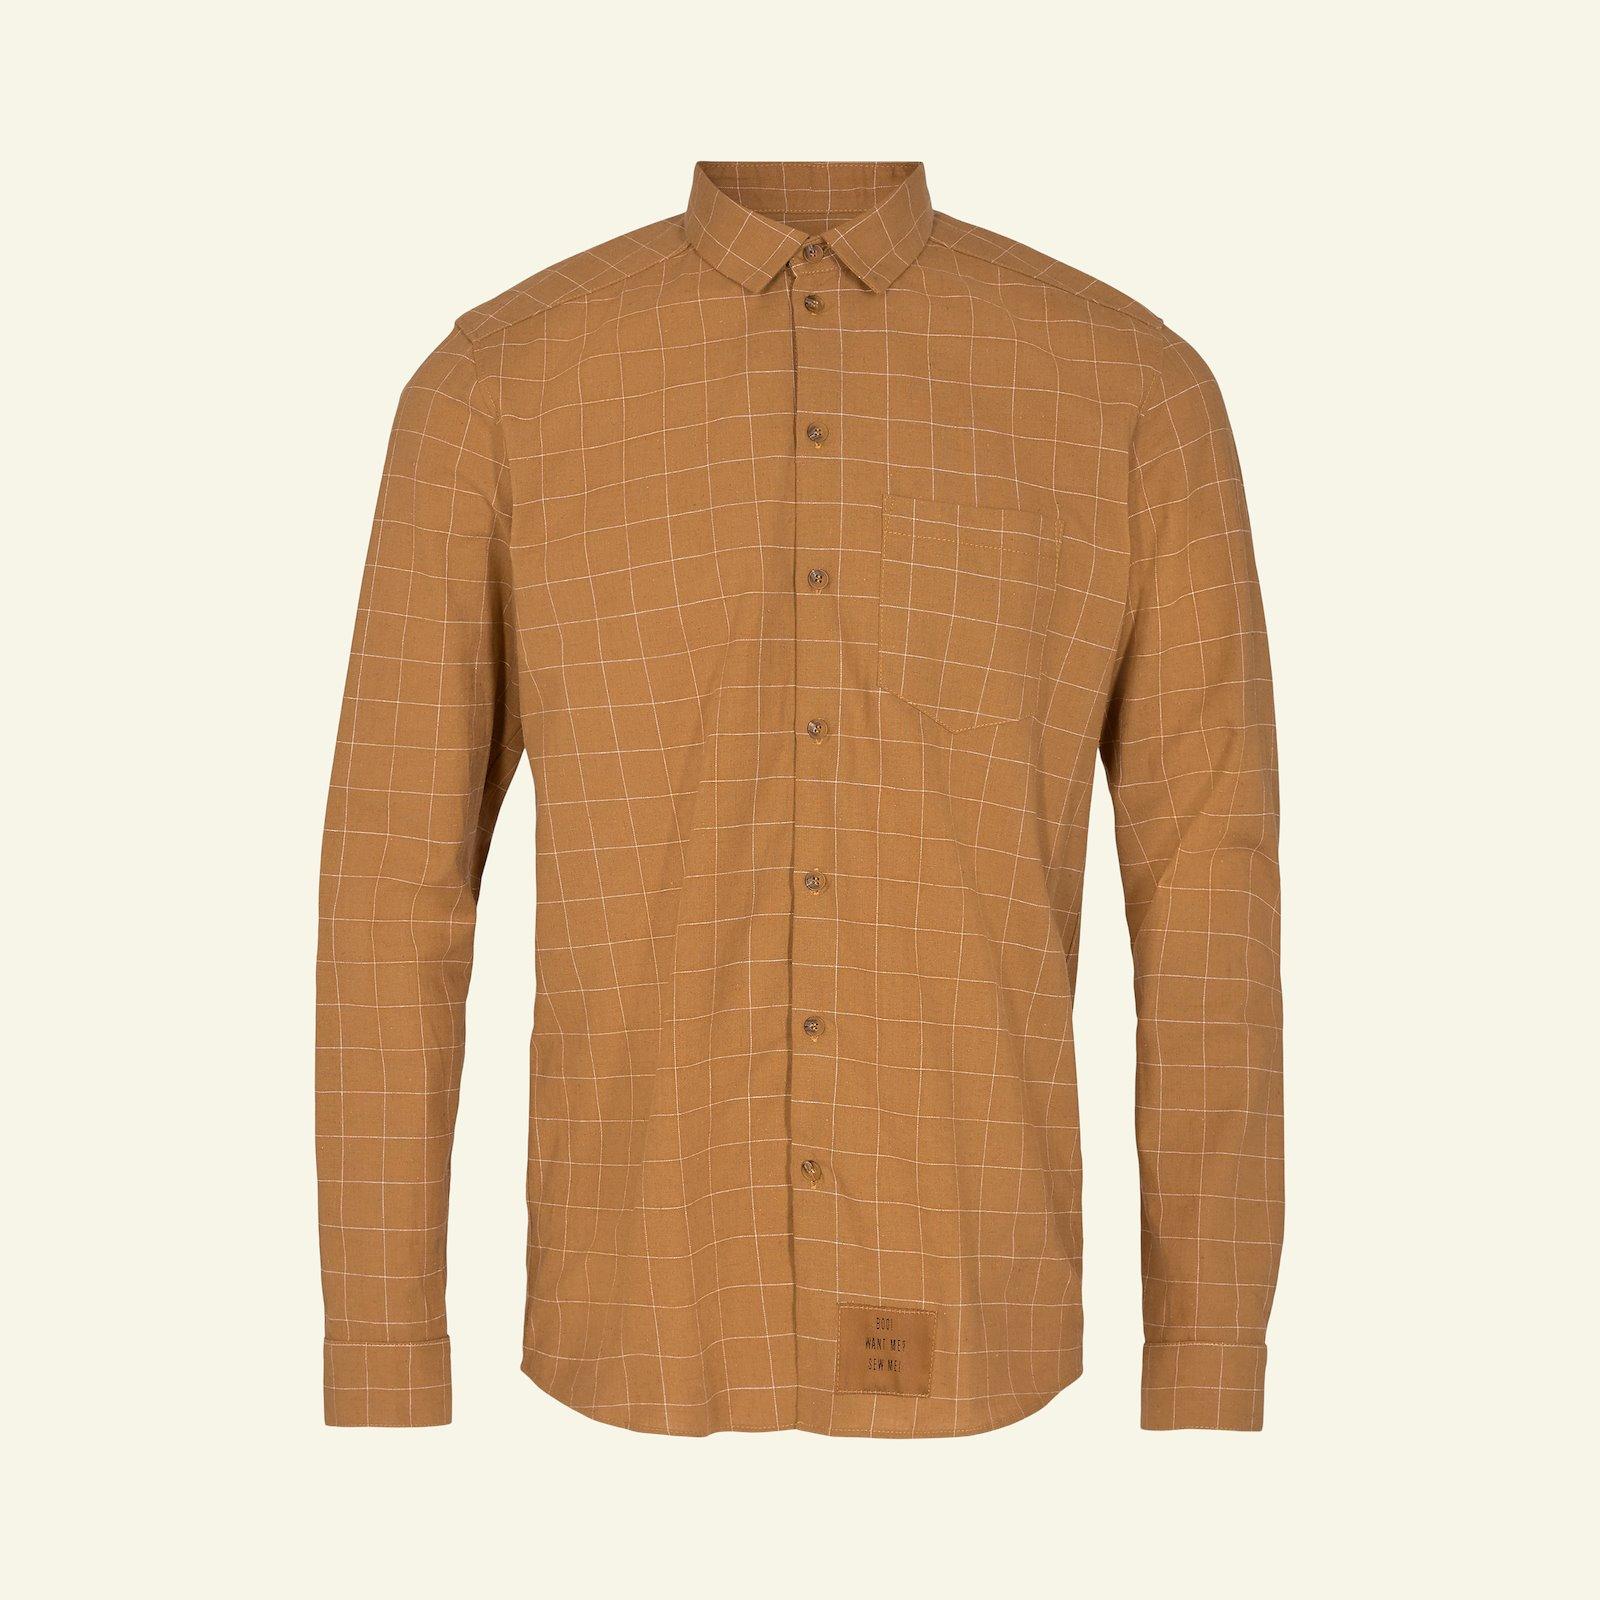 Shirt, S p87001_816178_33044_26542_sskit